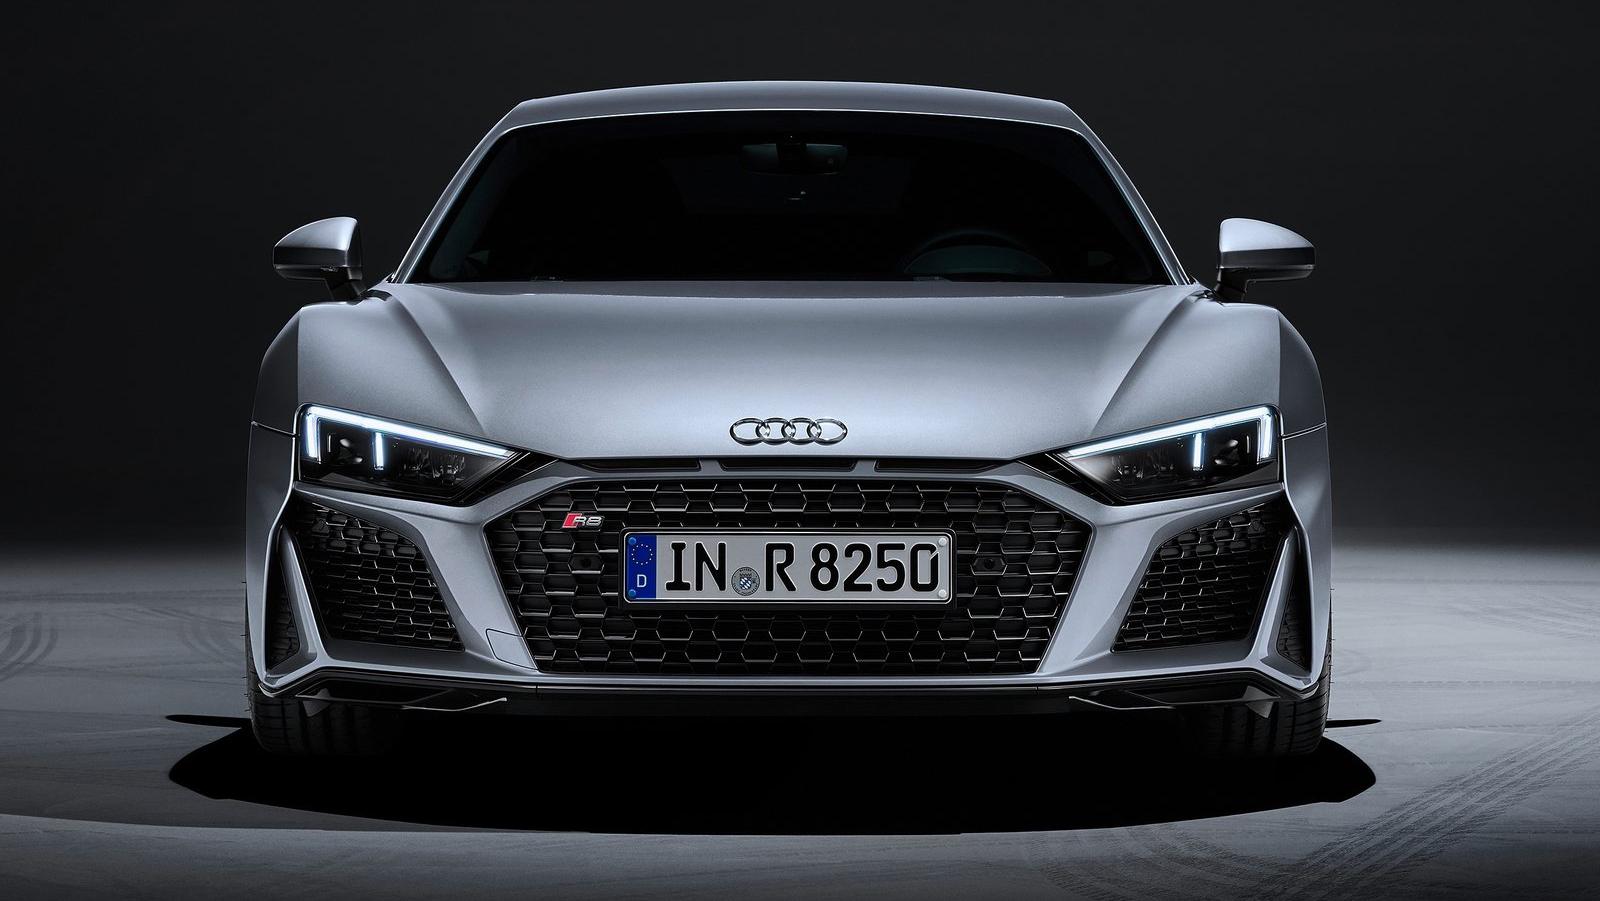 Siêu xe Audi R8 có gì đặc biệt?